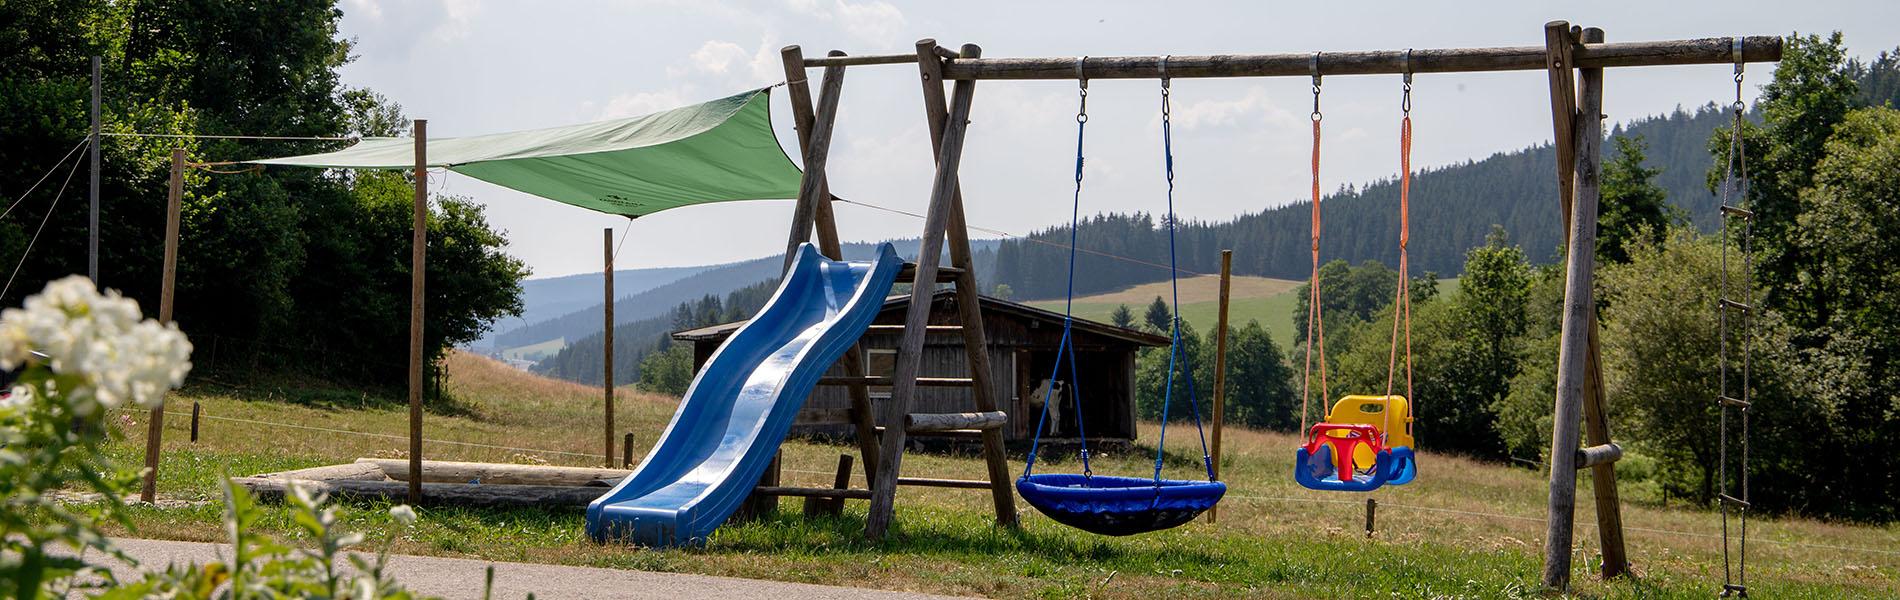 Spielplatz mit Sonnensegel überm Sandkasten, Rutsche, Schaukel (Nest- und Babyschaukel) Josenmuehle Jostal Schwarzwald